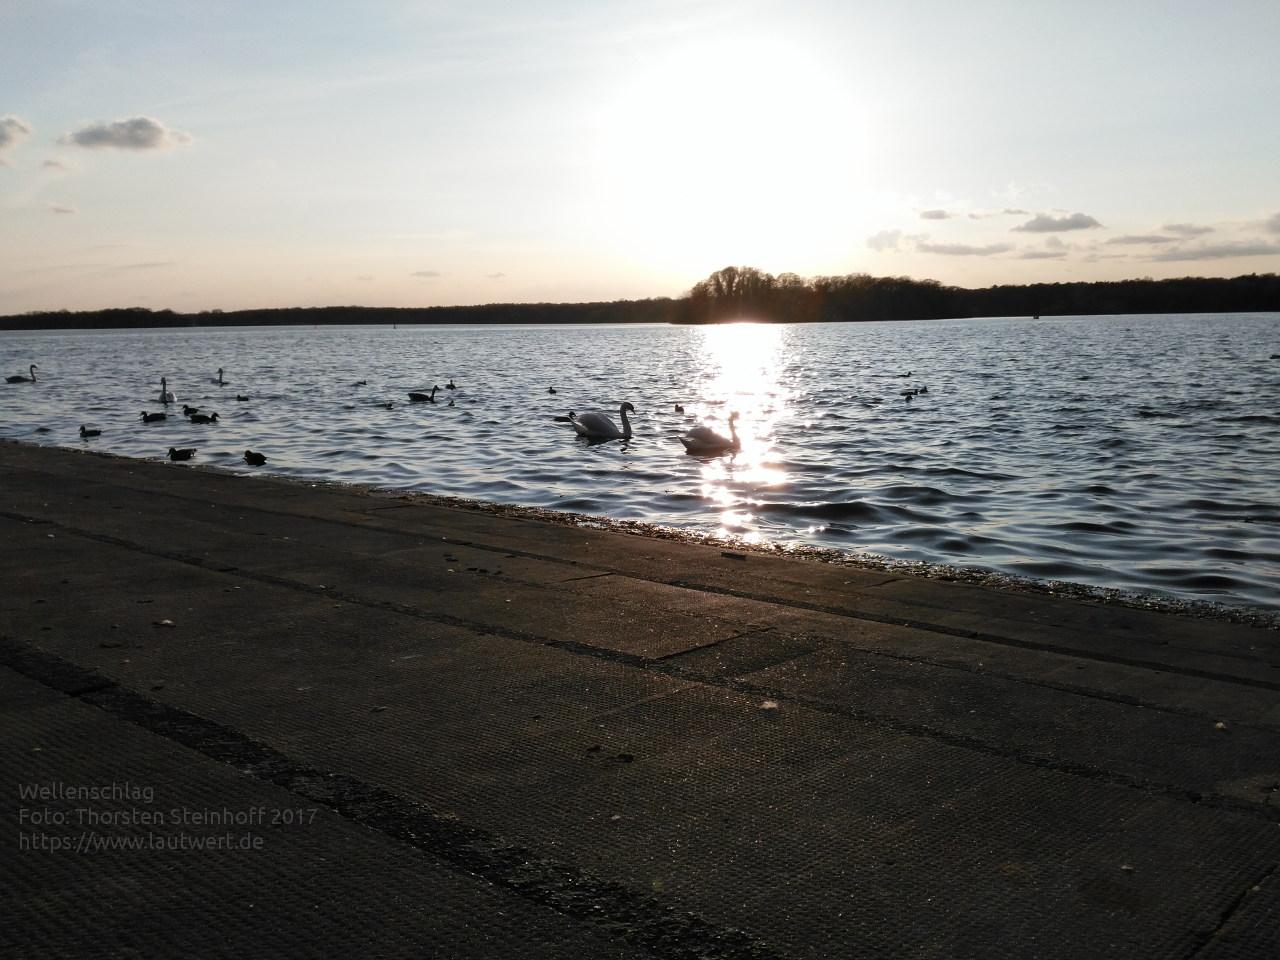 Abenddämmerung am Tegeler See mit Wasservögeln